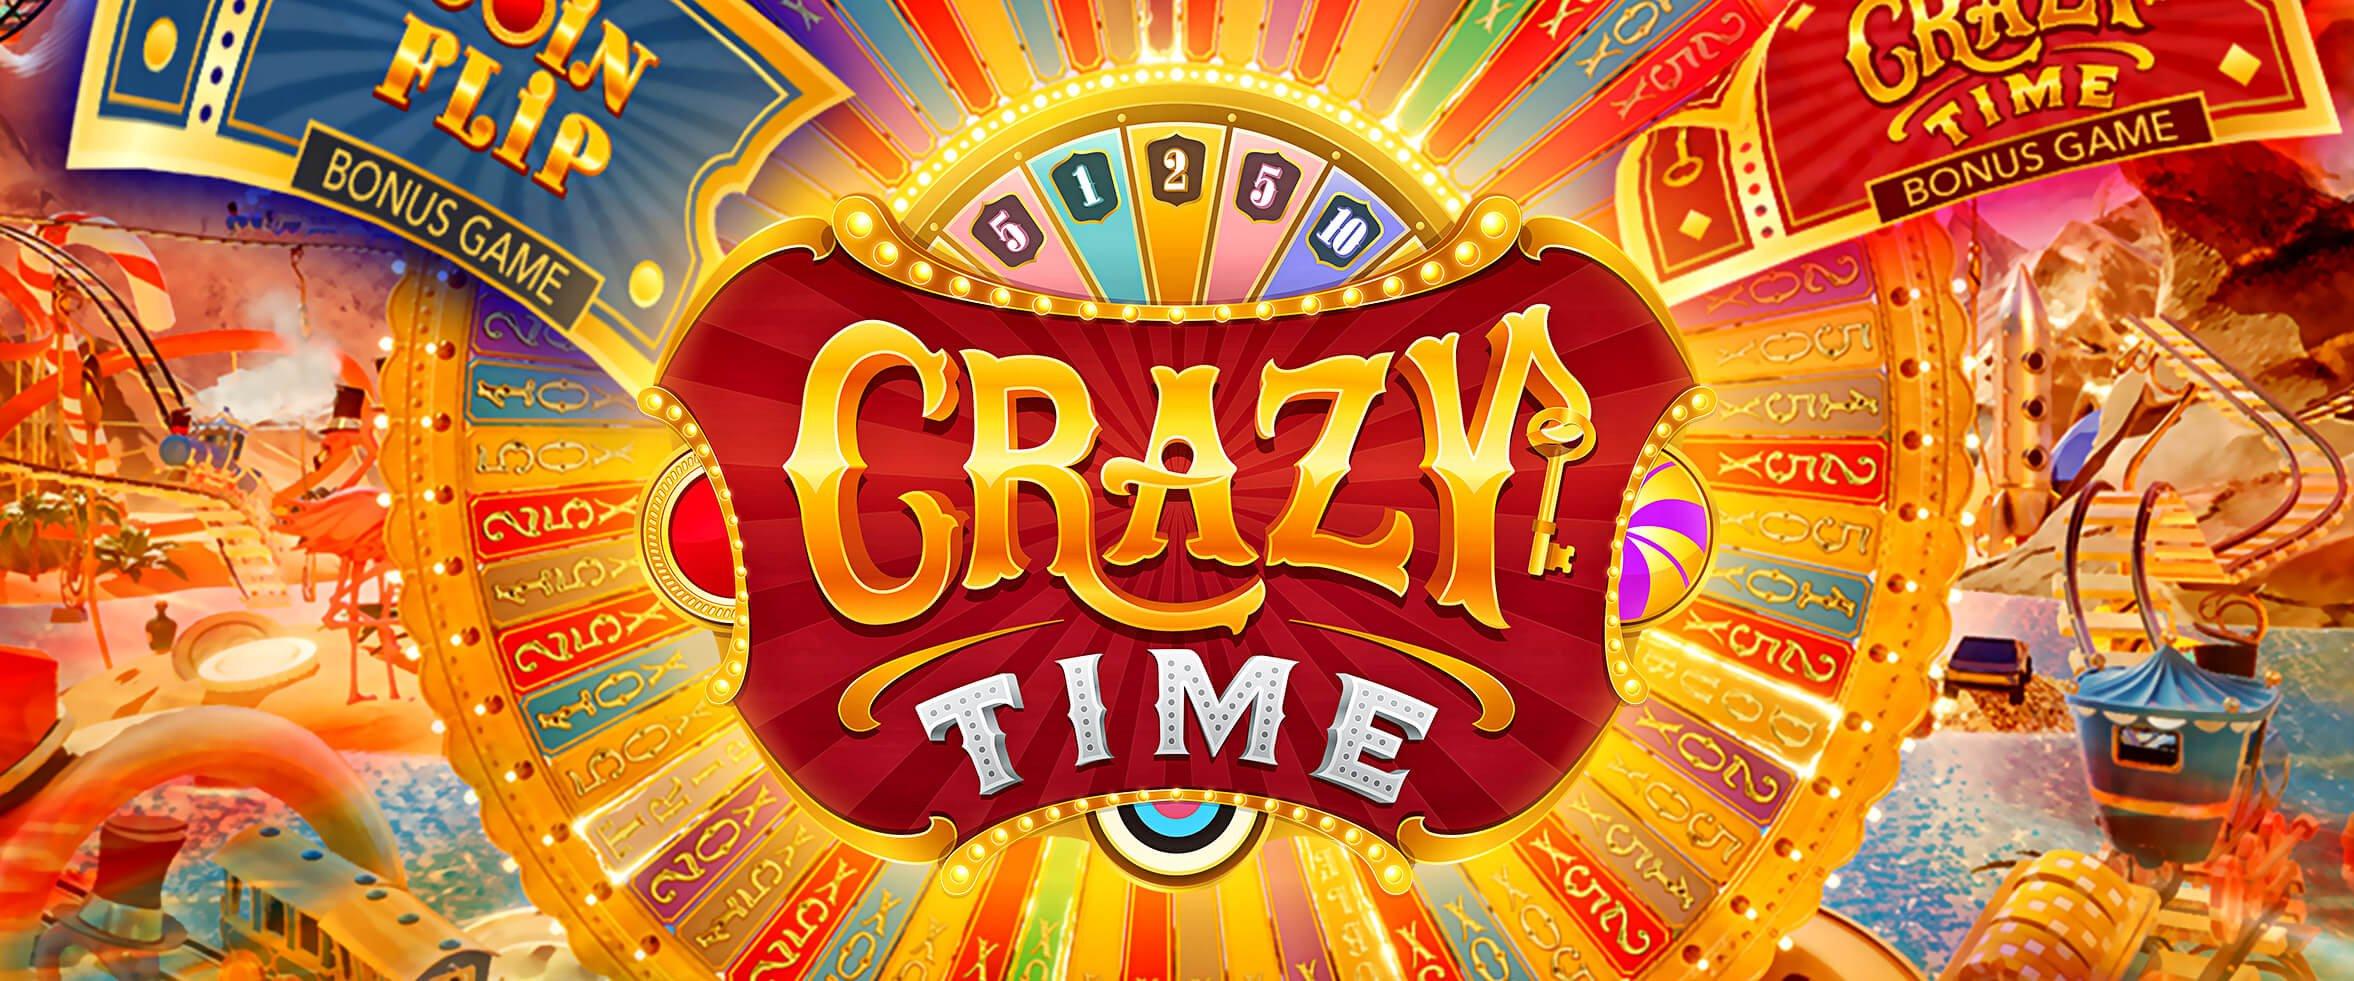 wildz-evolution-crazy-time